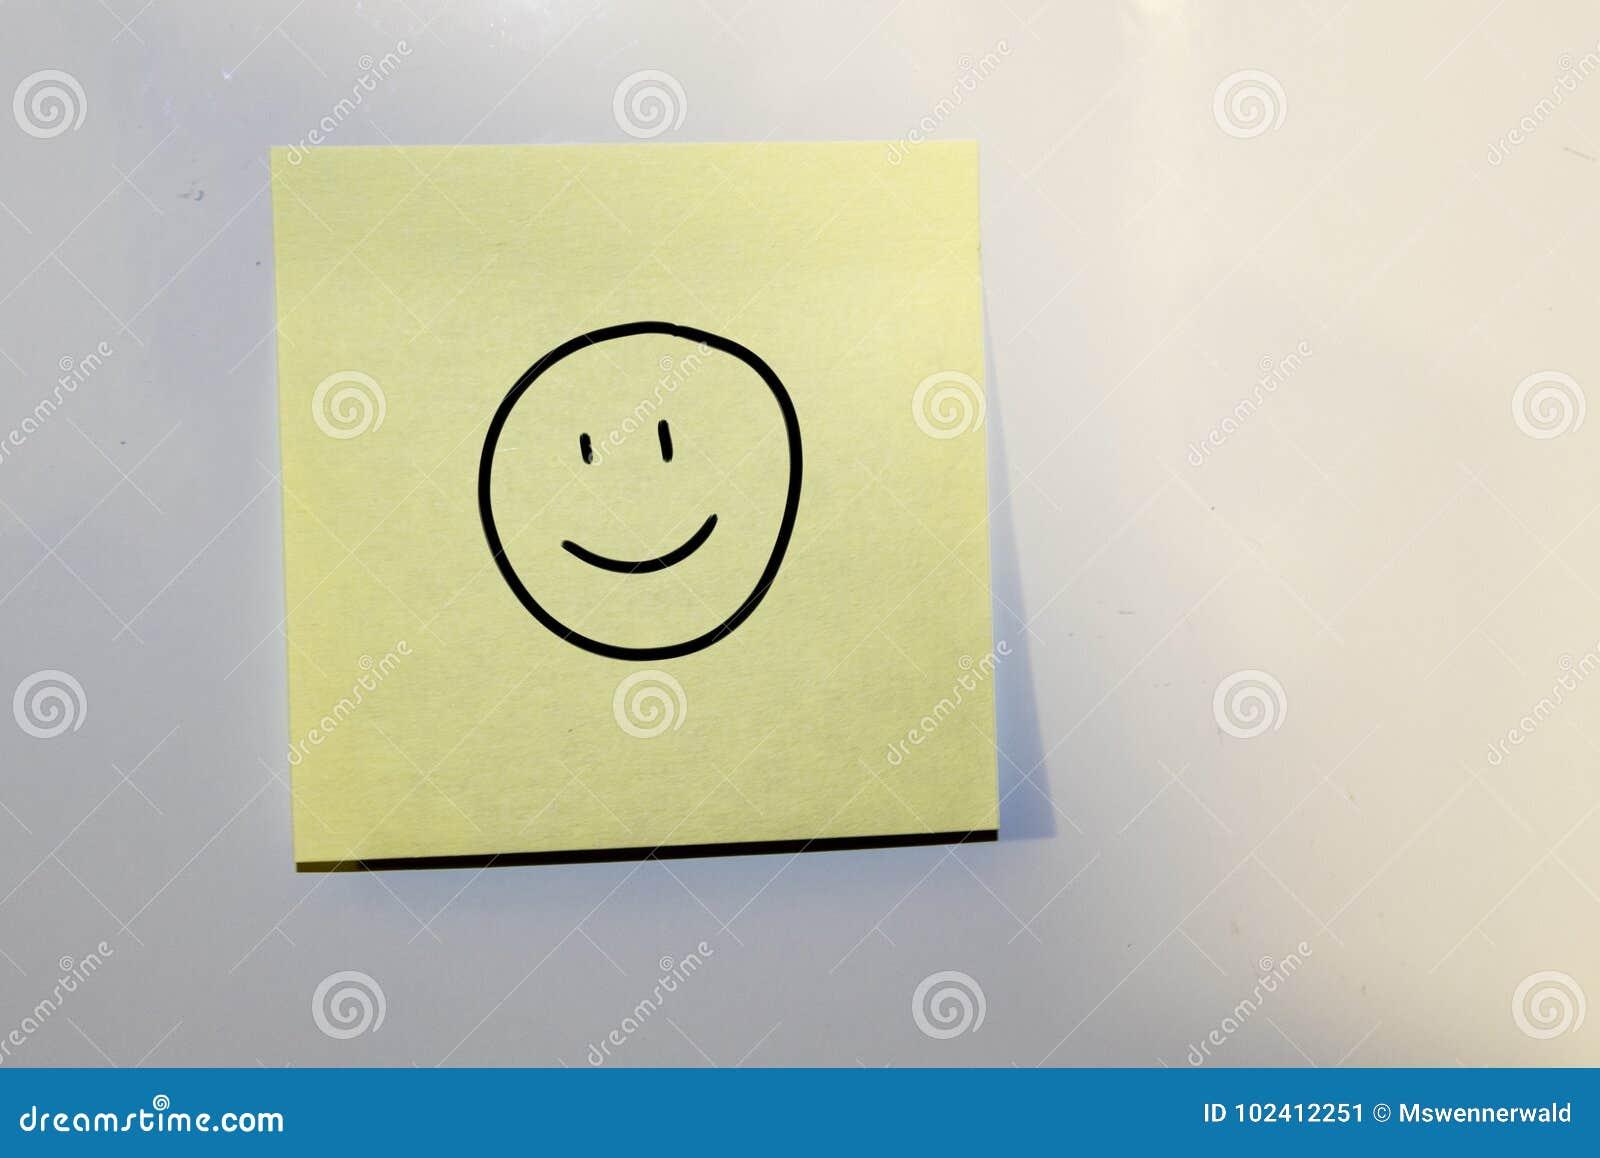 Haftnotiz mit einem glücklichen Gesicht gezeichnet